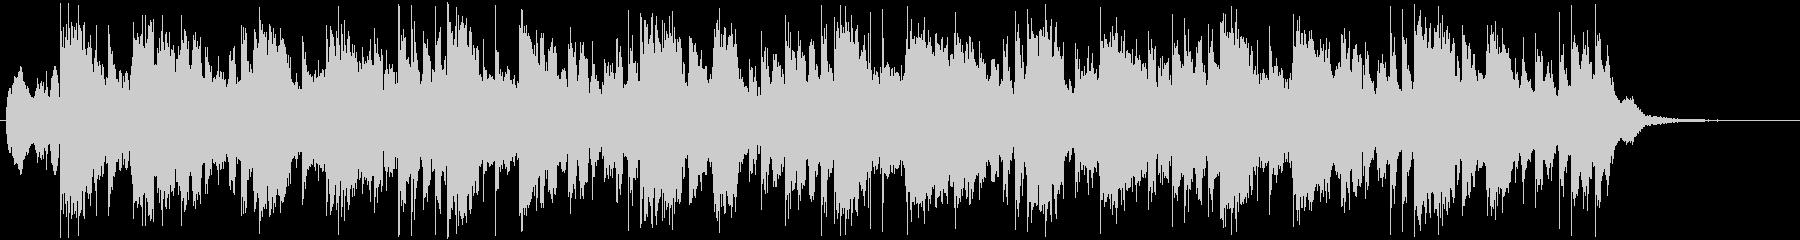 洋楽 フューチャーポップ ED 切ない の未再生の波形